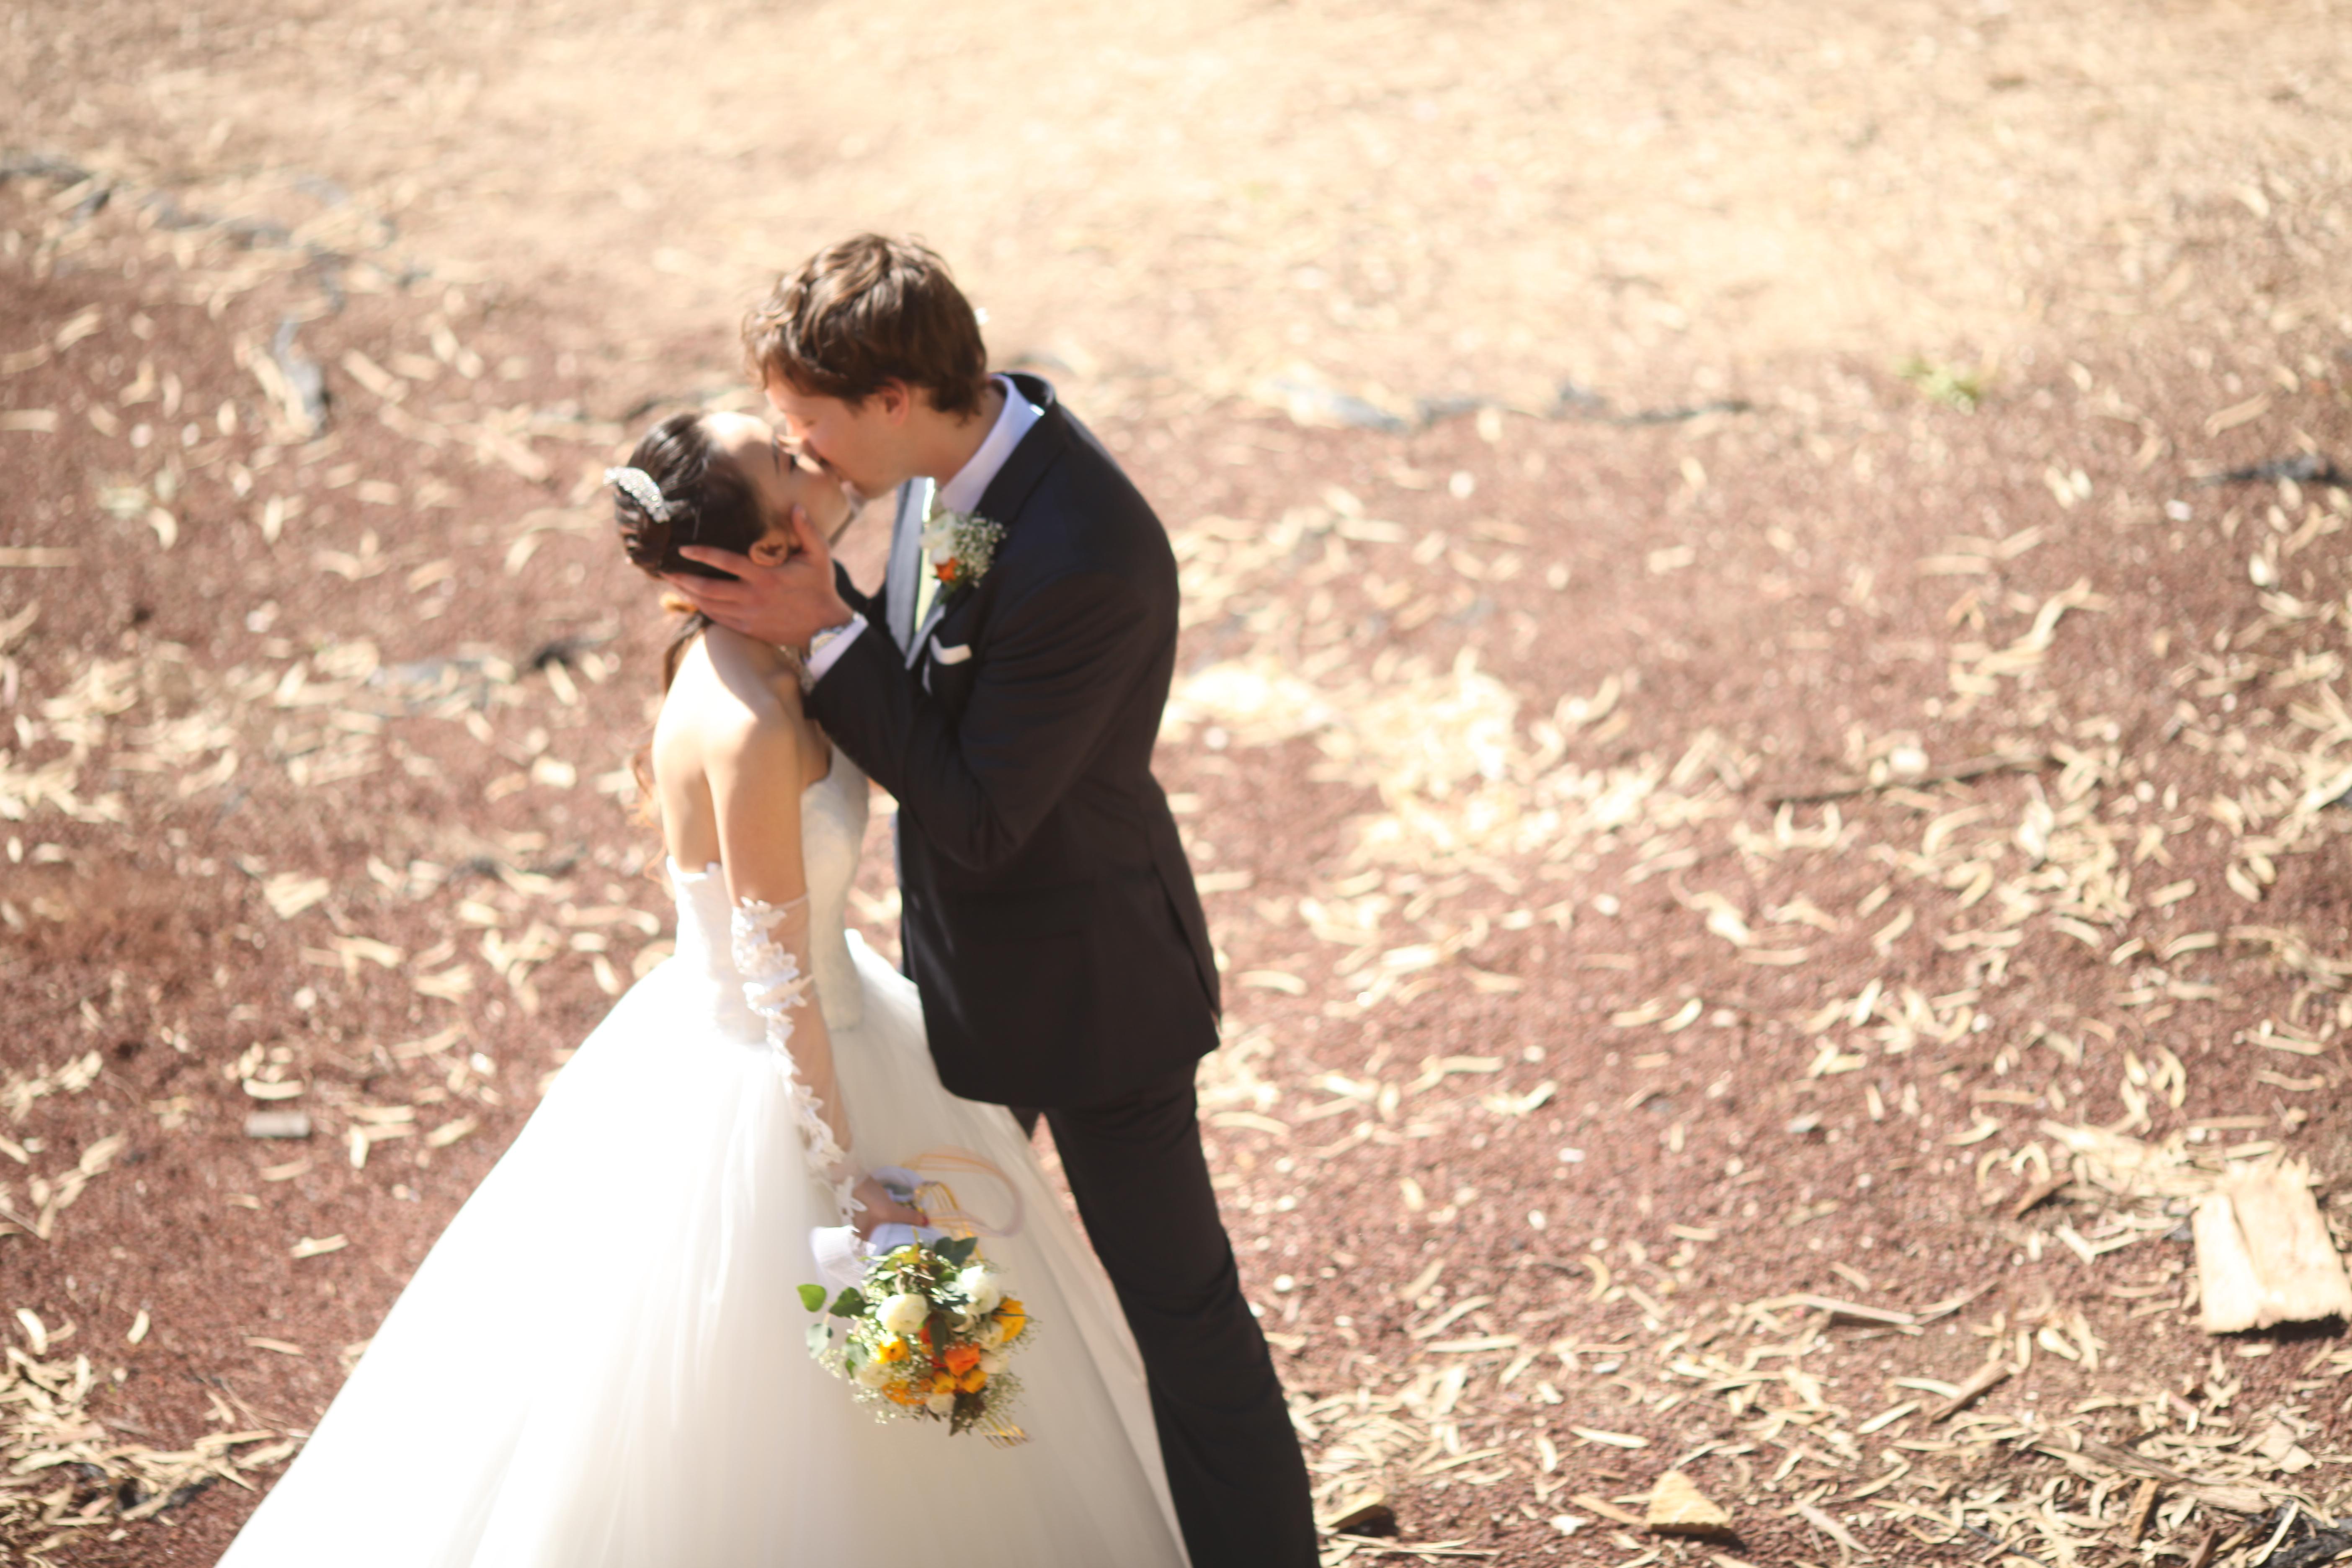 12.02.16 החתונה של רוי ולונה